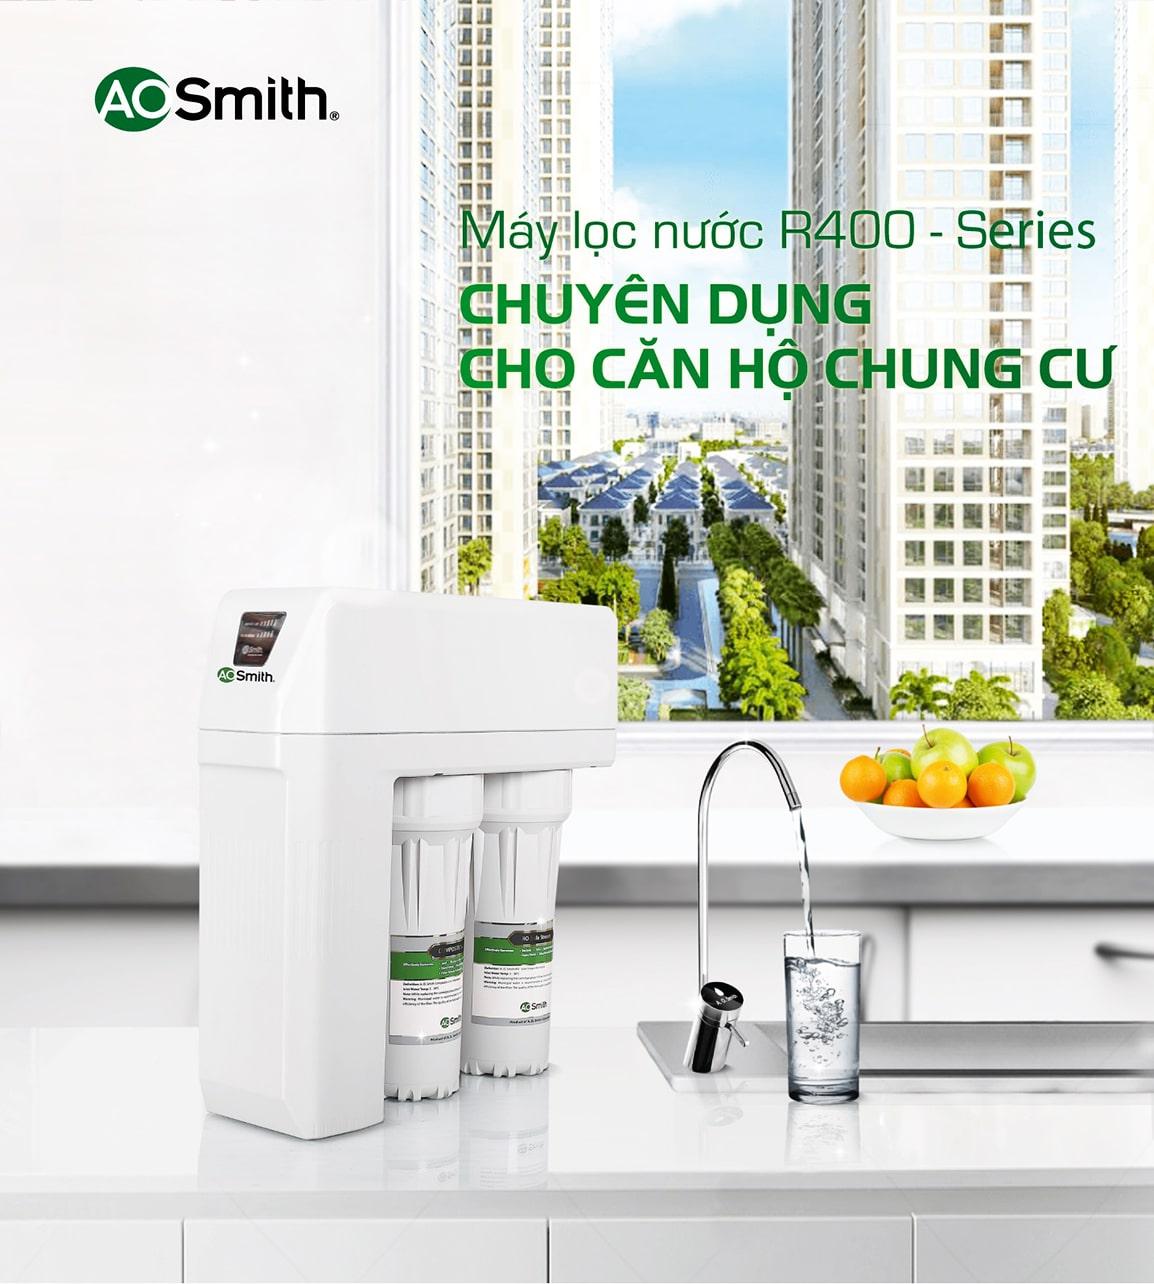 Máy lọc Aosmith R400E tuyệt đối an toàn cho các căn hộ chung cư